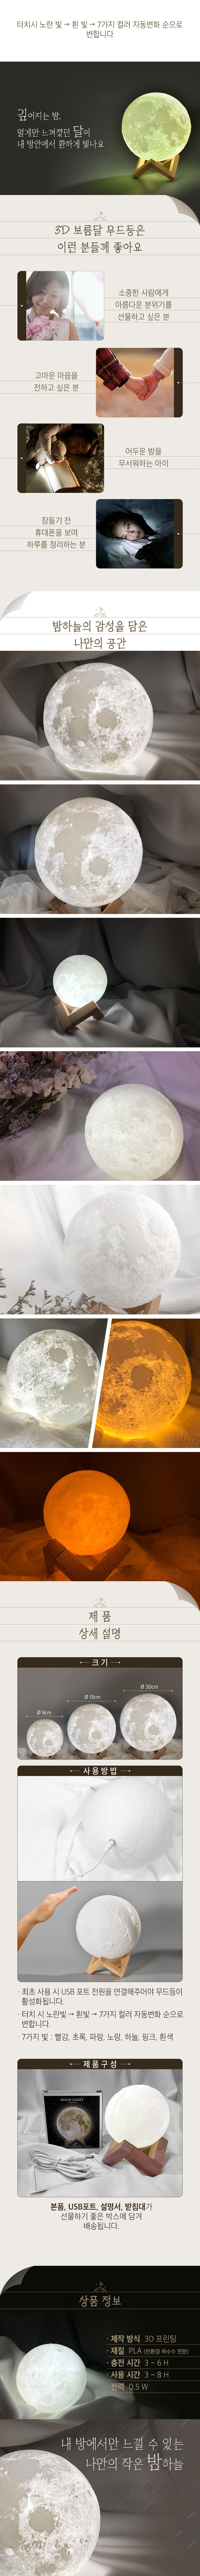 3D 보름달 무드등 수면등 수유등 - 정글인테리어, 12,900원, 리빙조명, 테이블조명